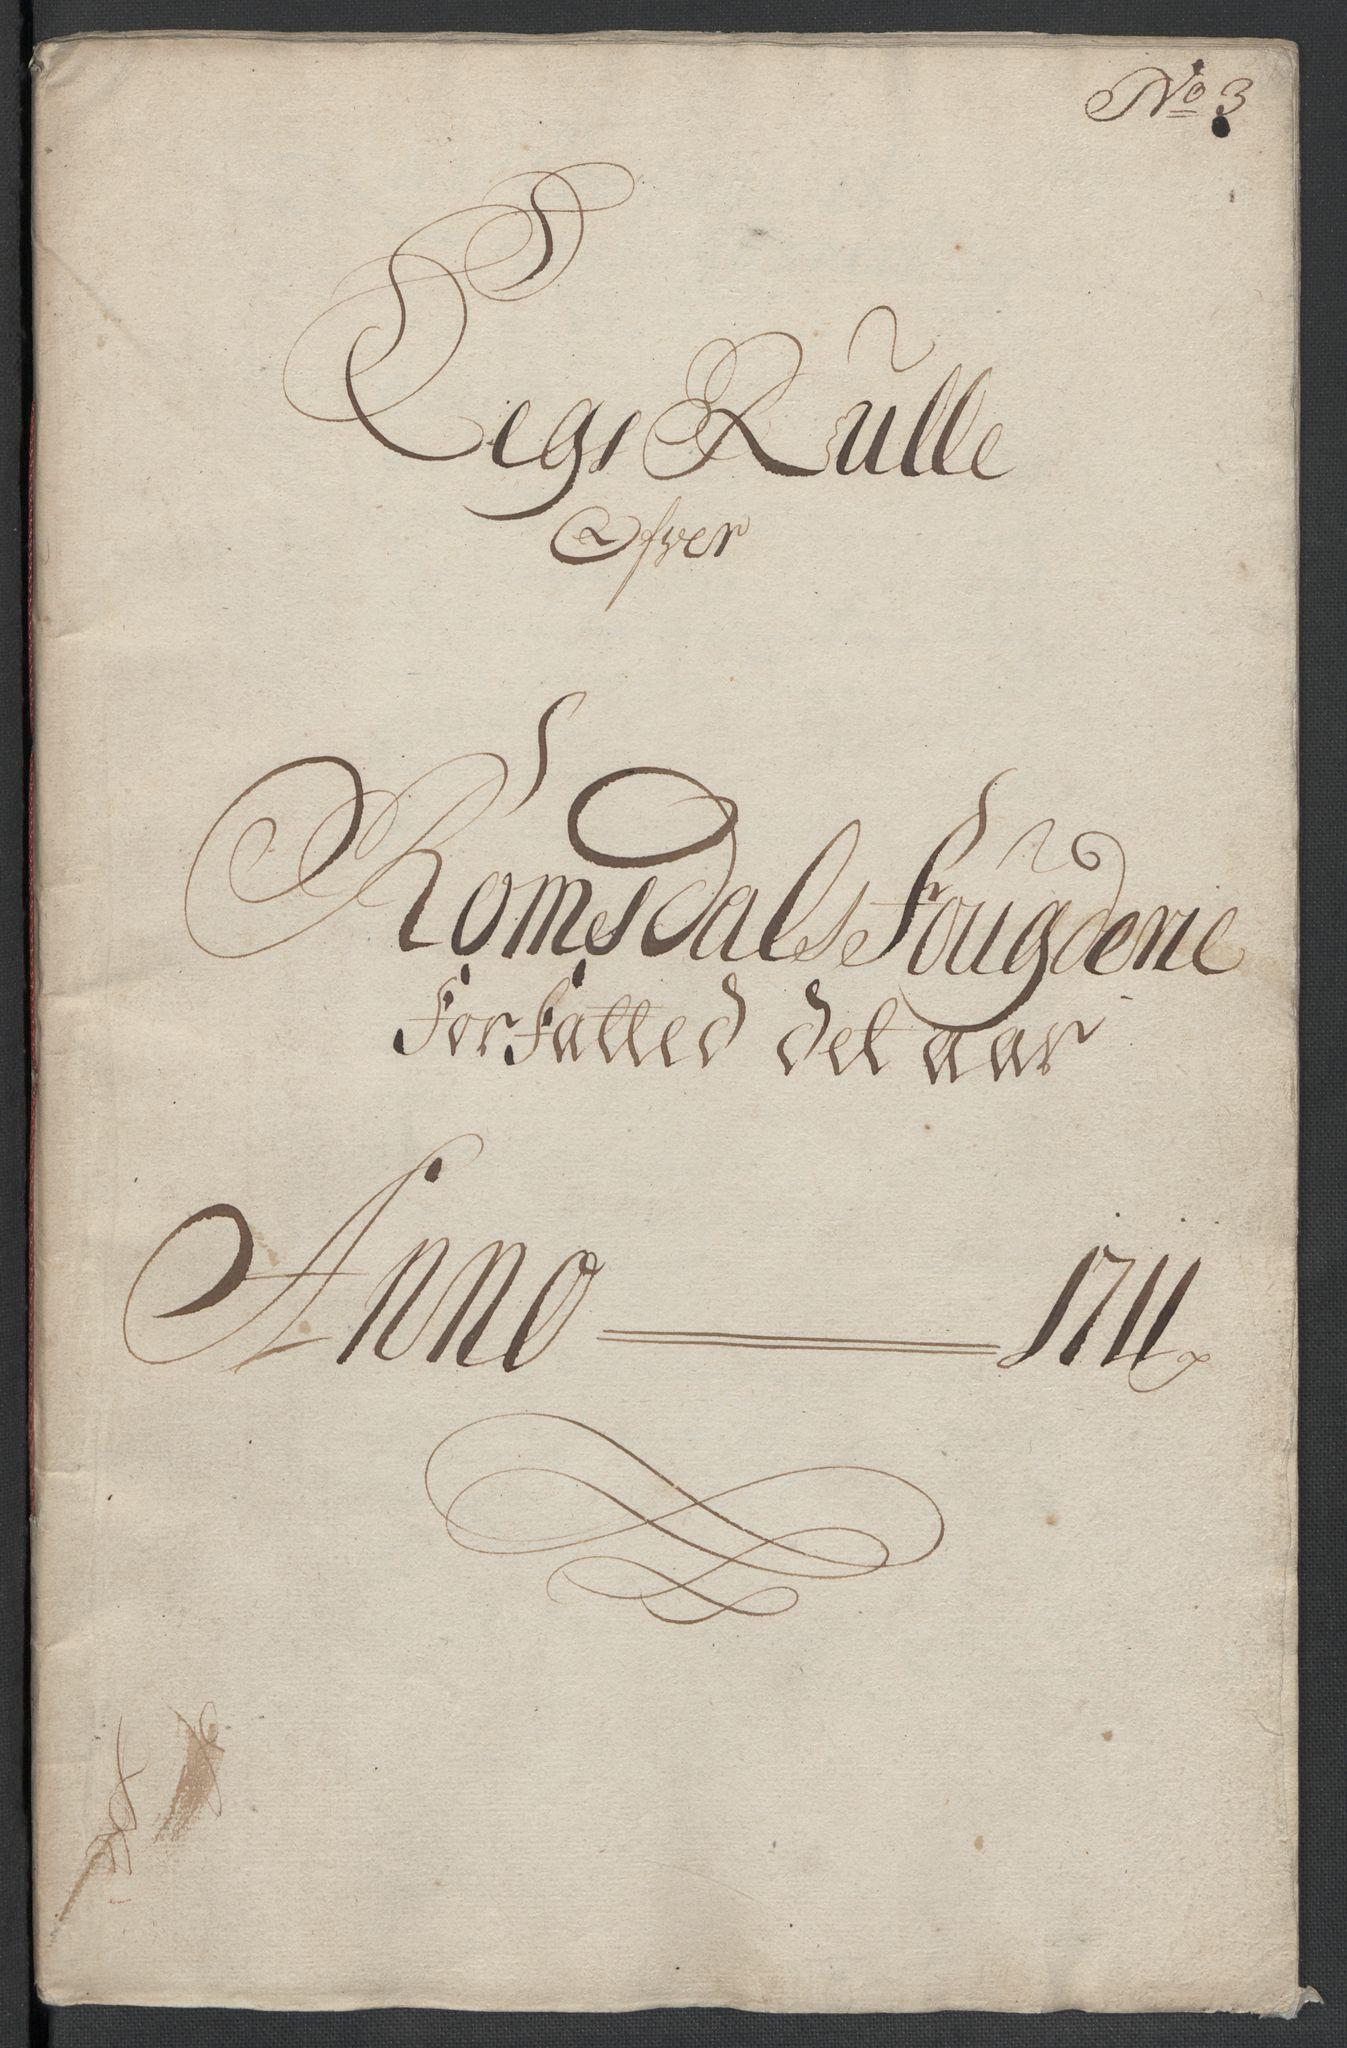 RA, Rentekammeret inntil 1814, Reviderte regnskaper, Fogderegnskap, R55/L3660: Fogderegnskap Romsdal, 1711, s. 82